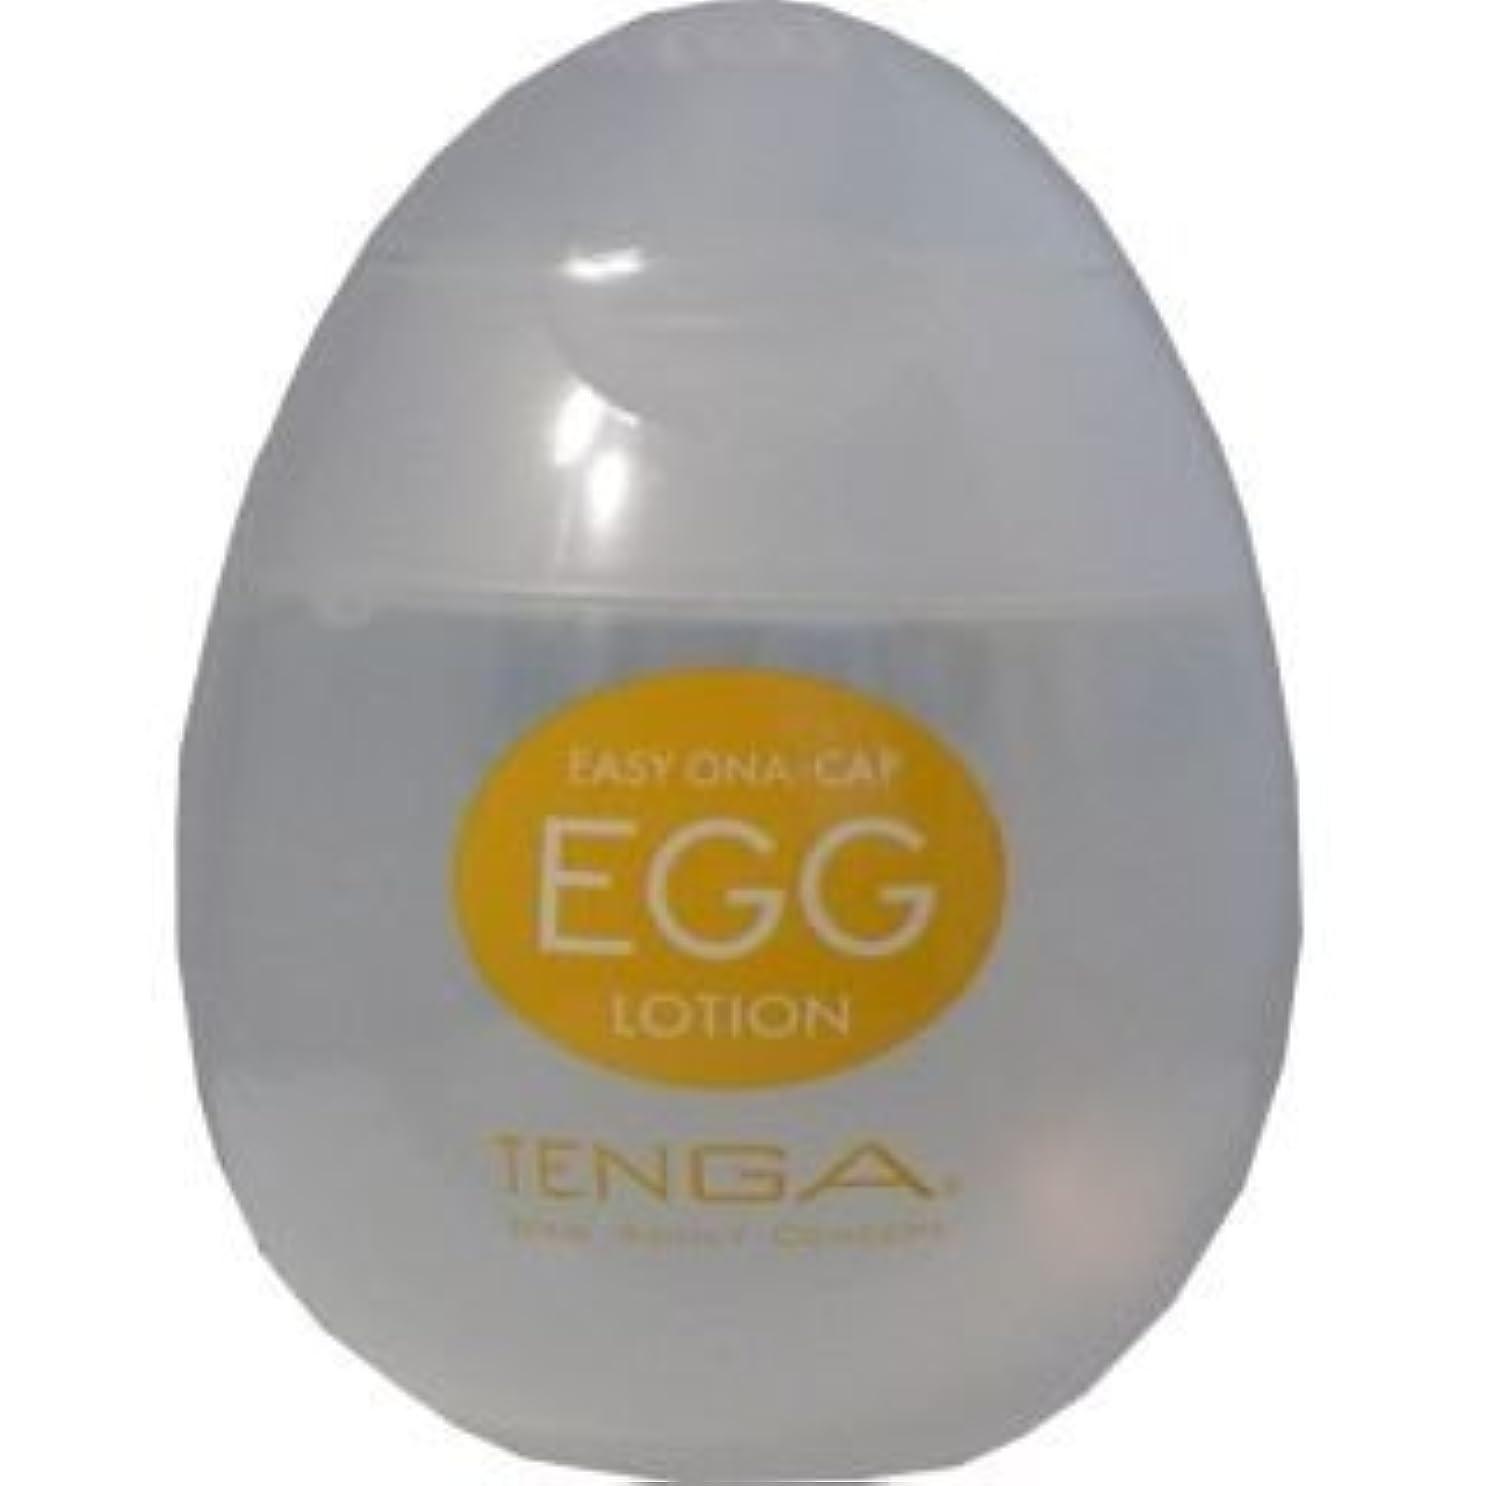 テキストモーテルフィットネス保湿成分配合で潤い長持ち!TENGA(テンガ) EGG LOTION(エッグローション) EGGL-001【5個セット】